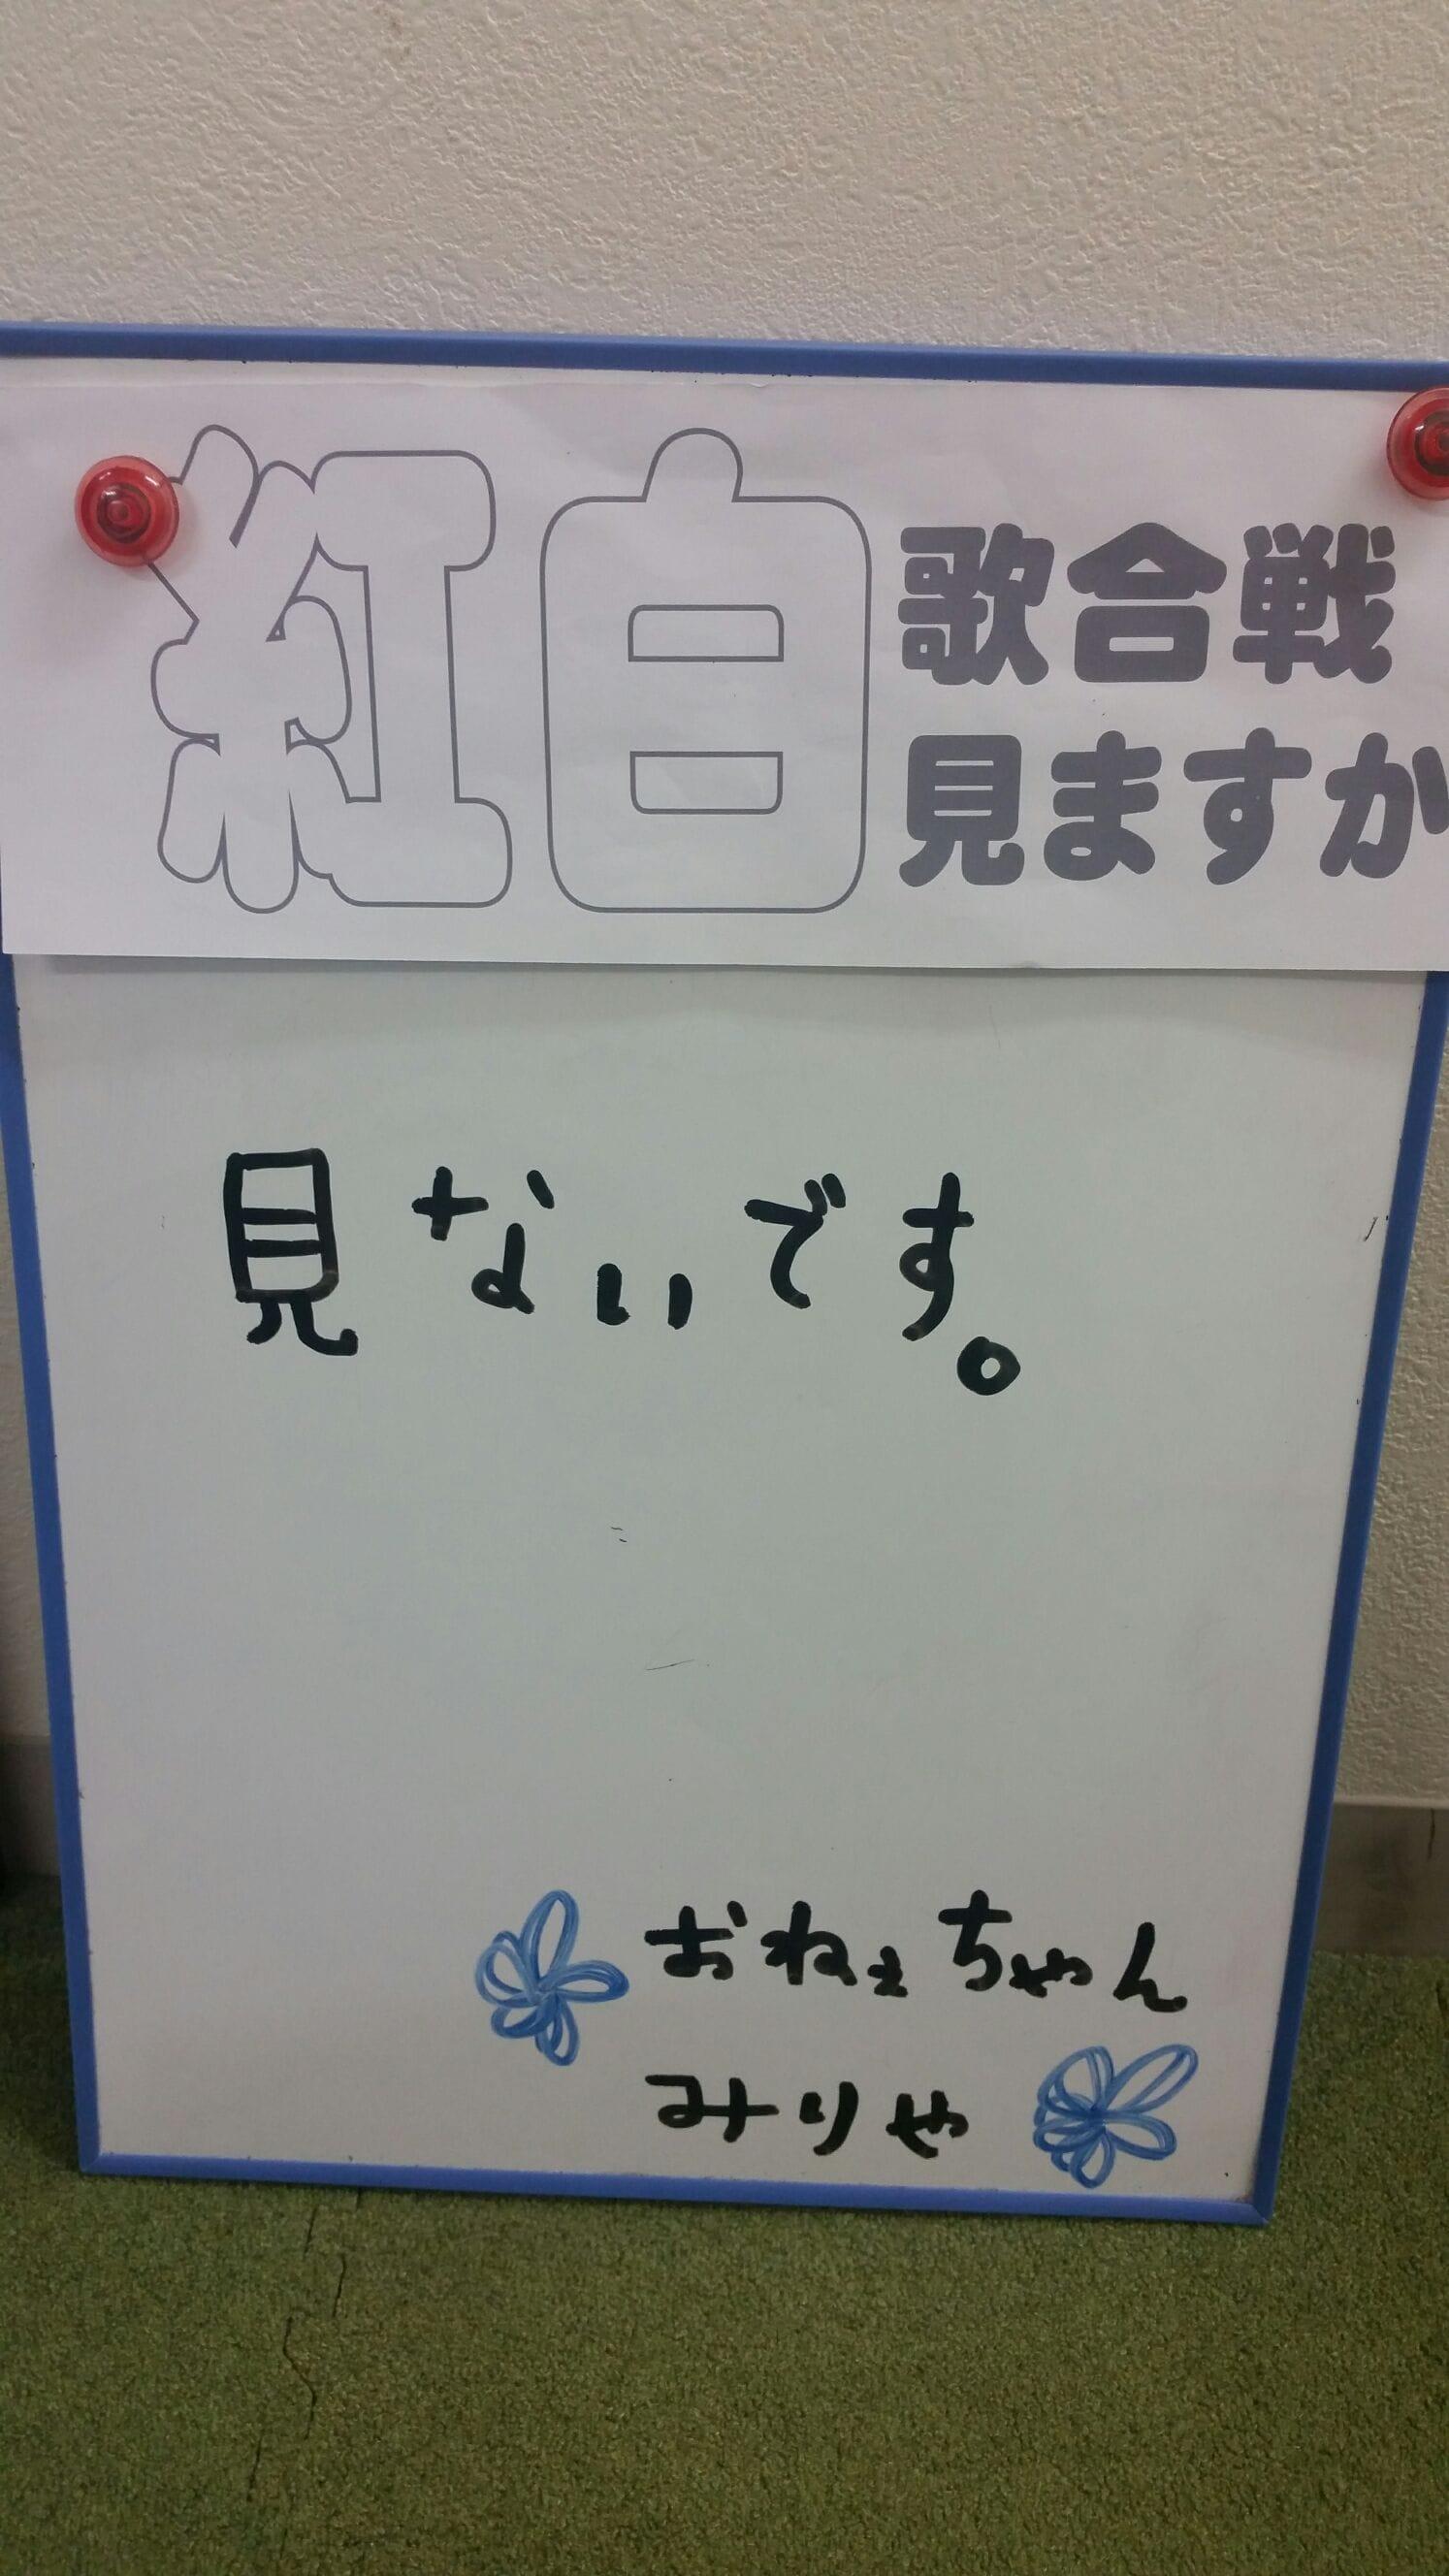 「** 本日のお題 **」12/29(12/29) 20:31 | みりやの写メ・風俗動画